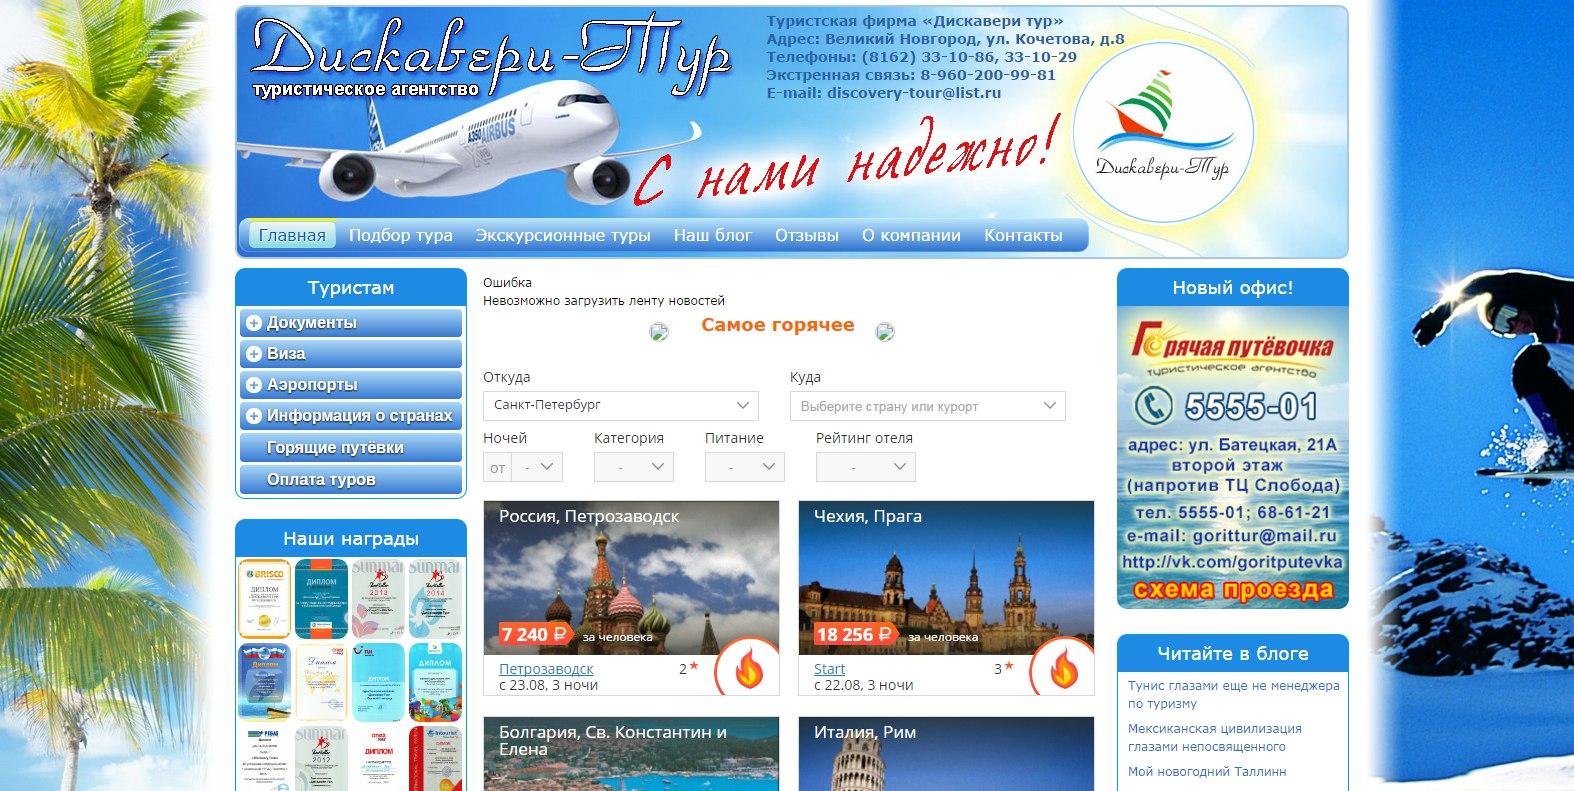 Официальный сайт туристической компании тунис создания дизайн сайта